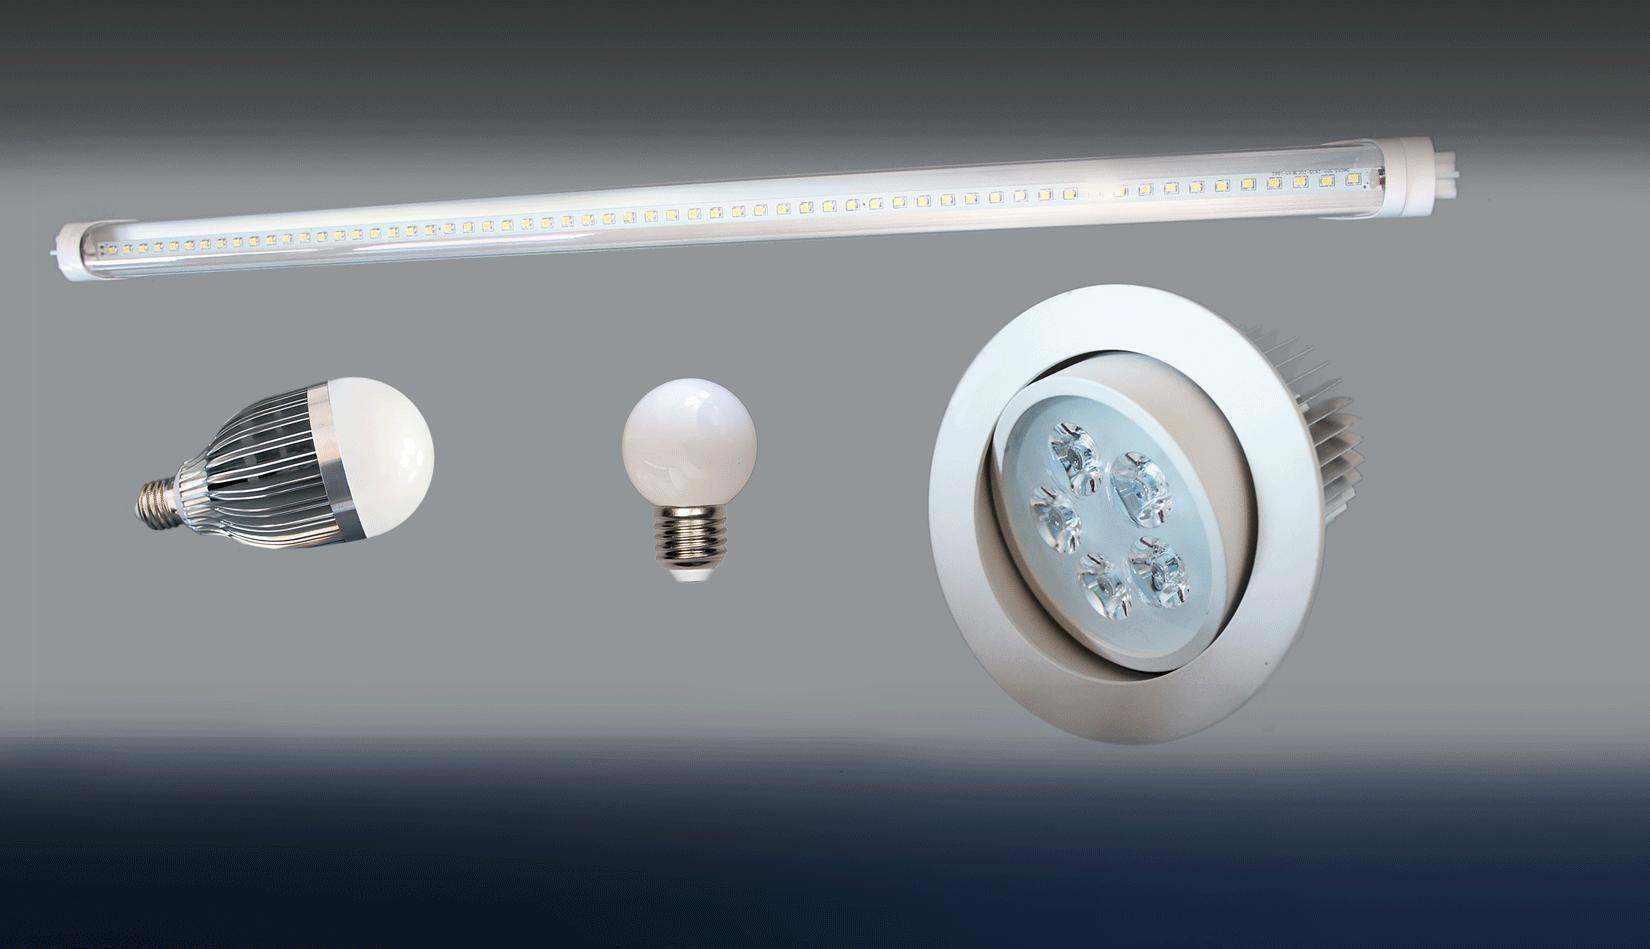 Energy Saving through LED Technology